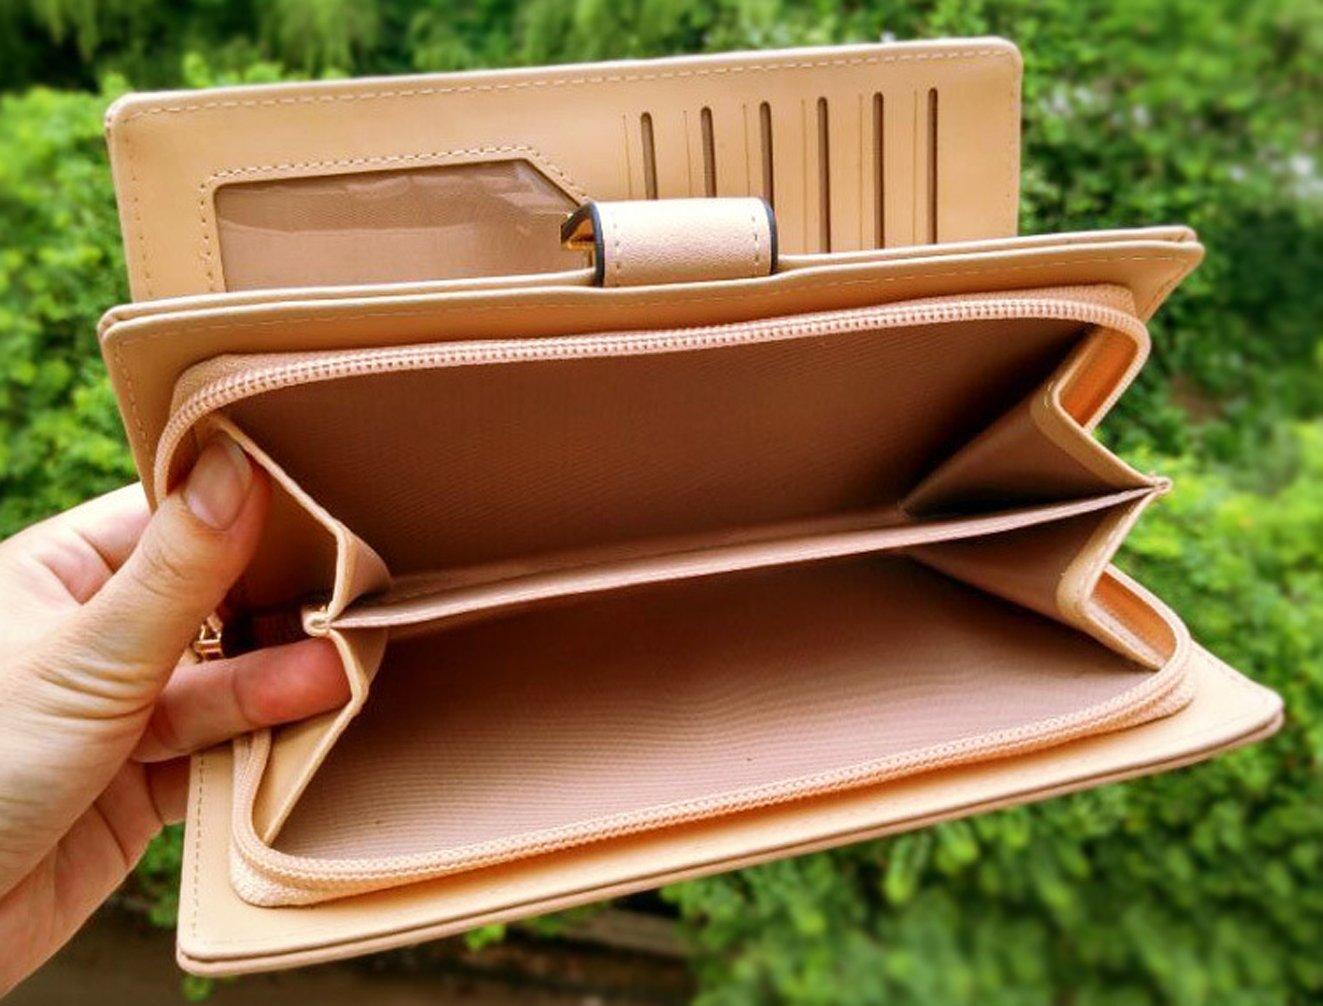 05180b951417f Keshi Pu Cool geldbörse damen lang Pink  Amazon.de  Schuhe   Handtaschen